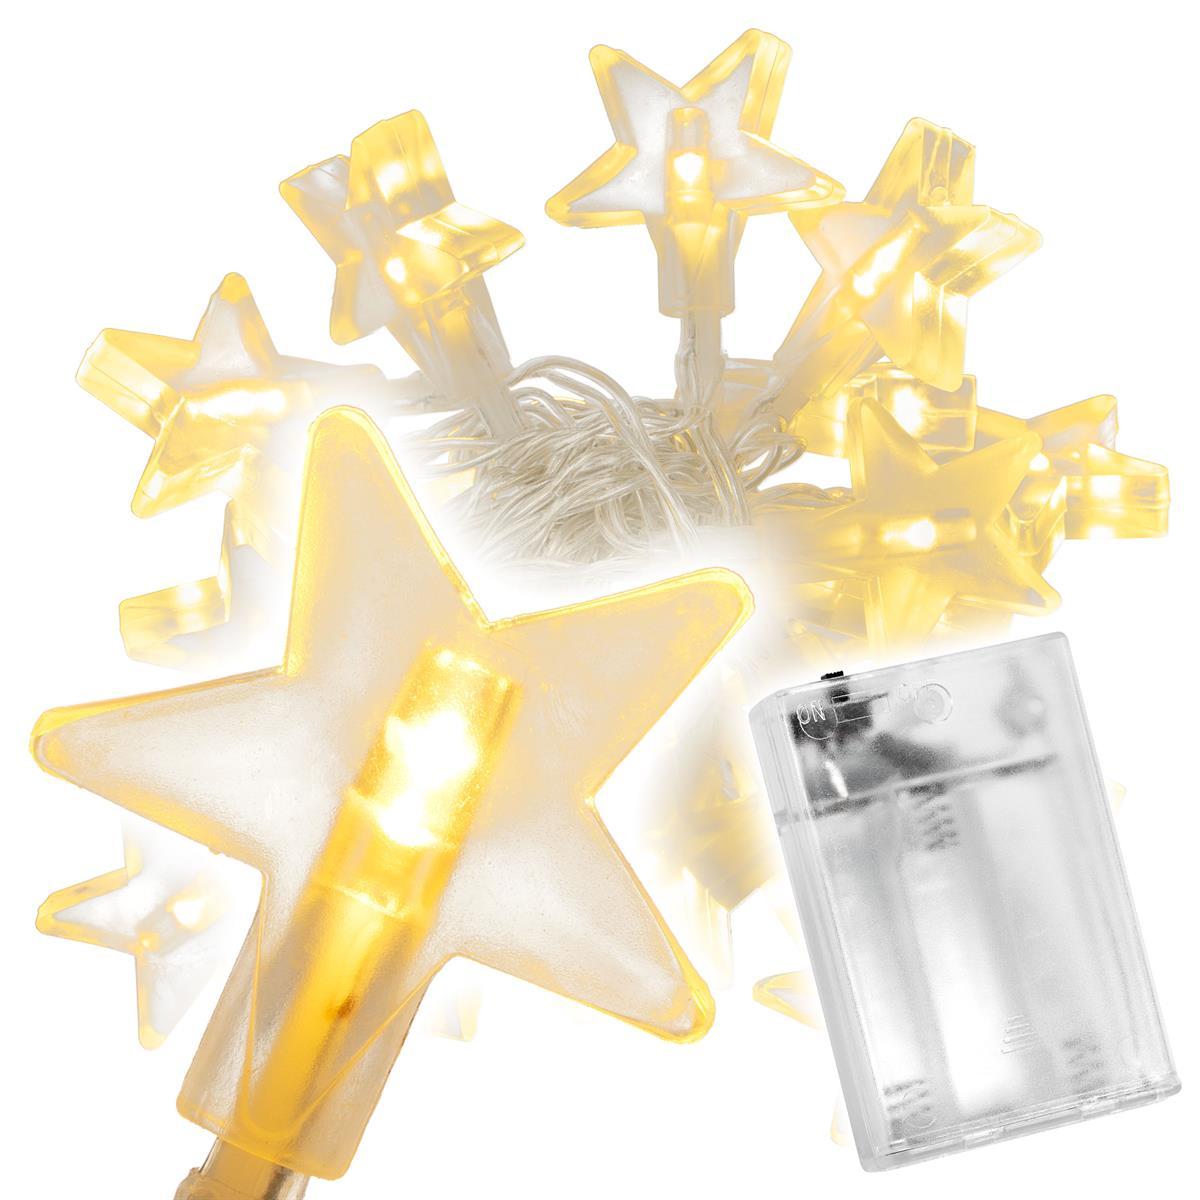 20 LED Lichterkette warmweiß Stern Sternenlichterkette Weihnachten Batterie Time